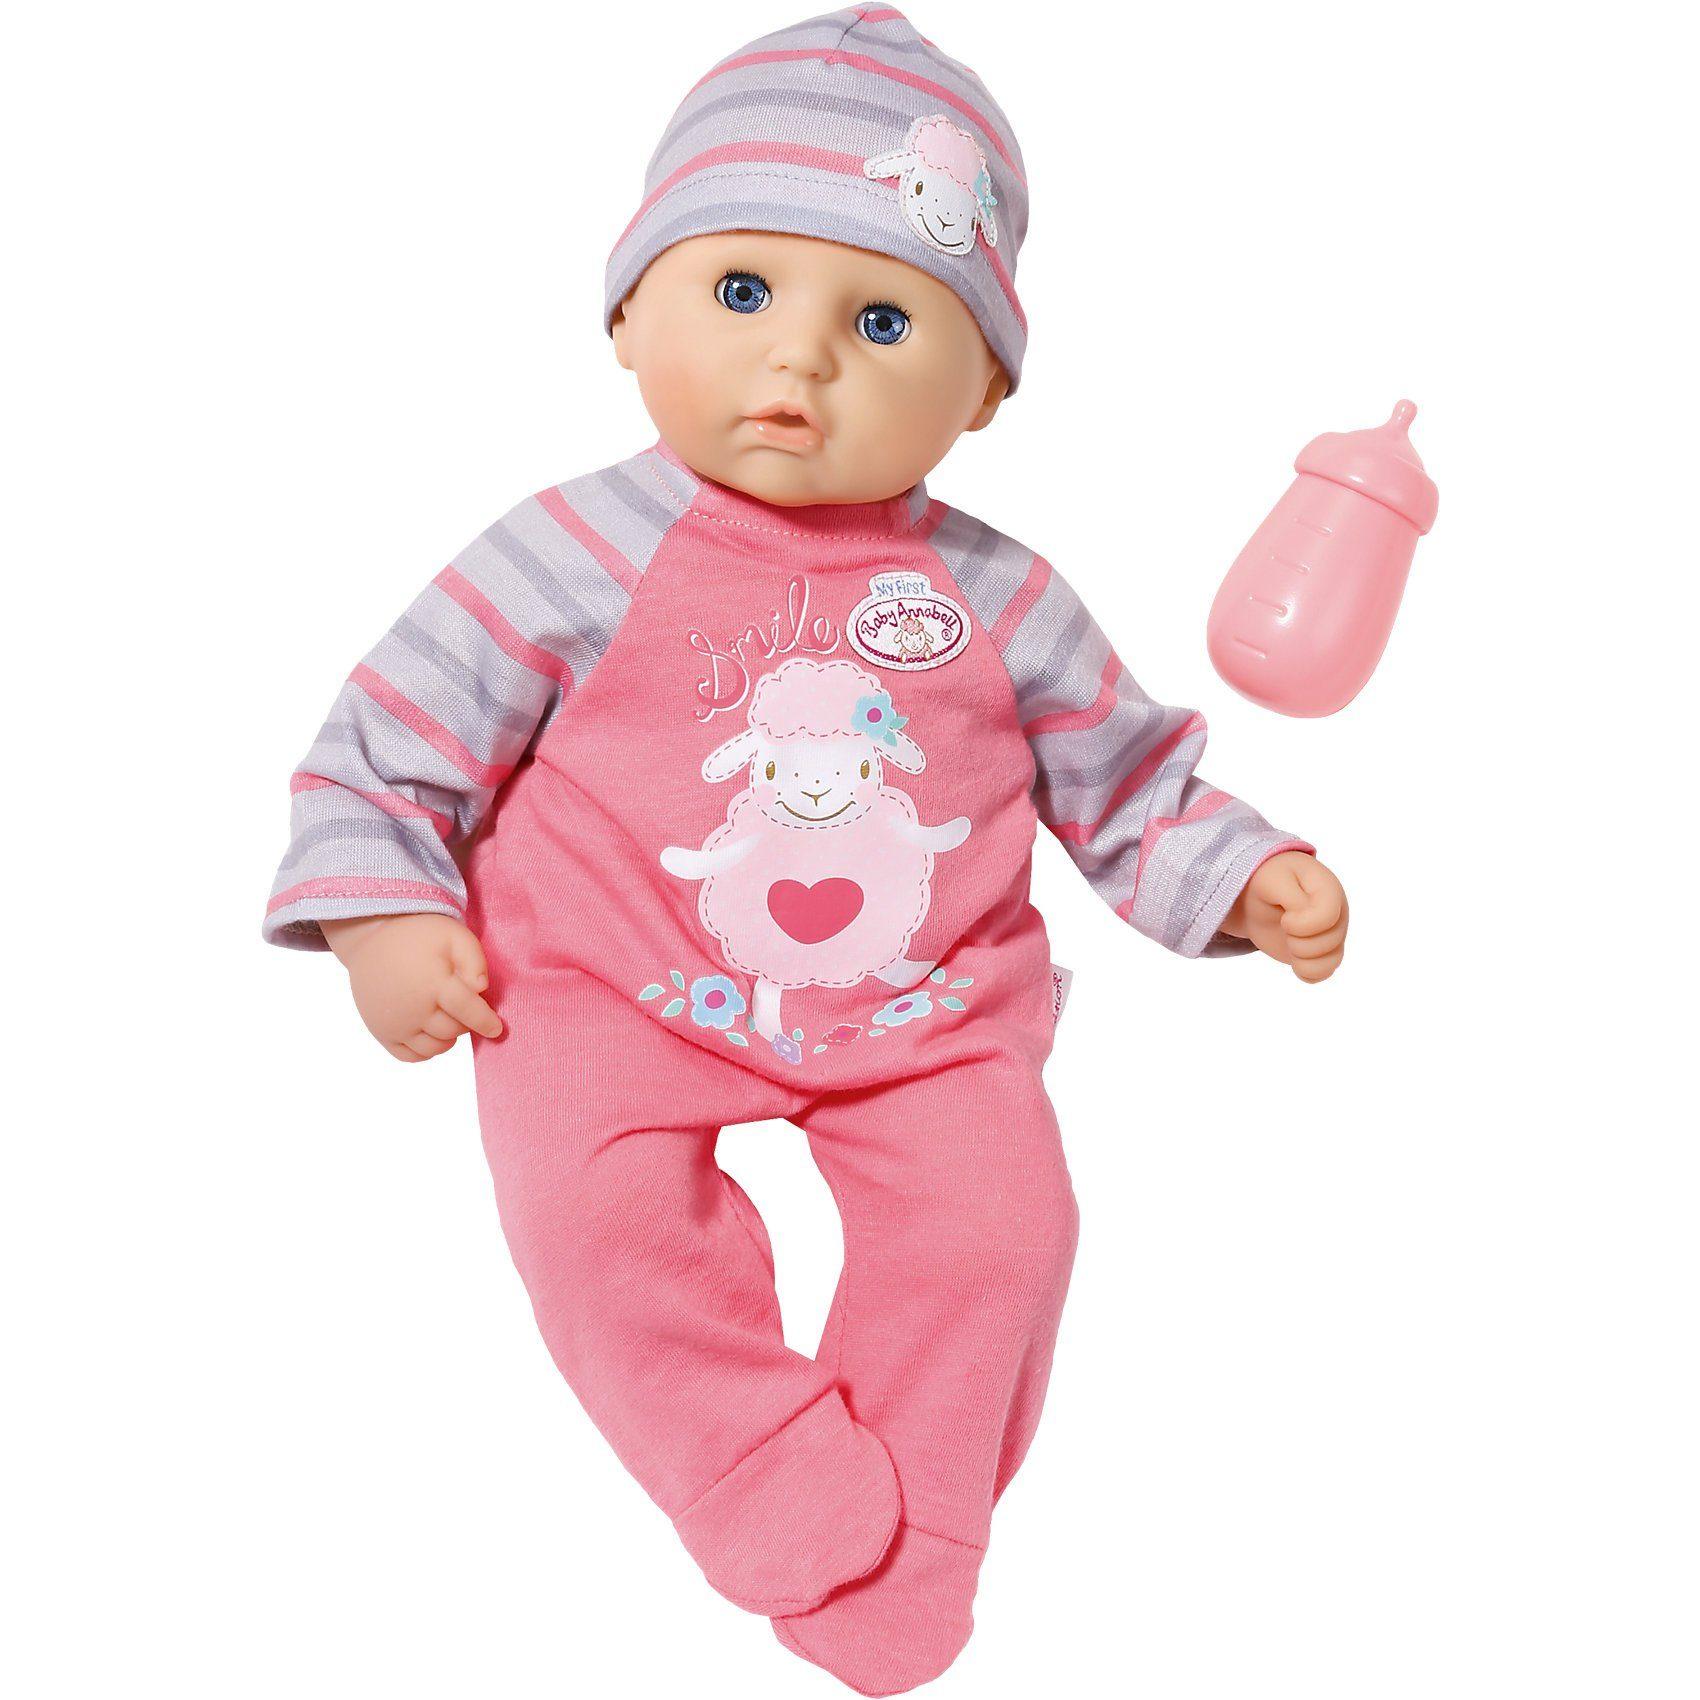 Zapf Creation My First Baby Annabell® Babypuppe mit Schlafaugen - Exklusiv